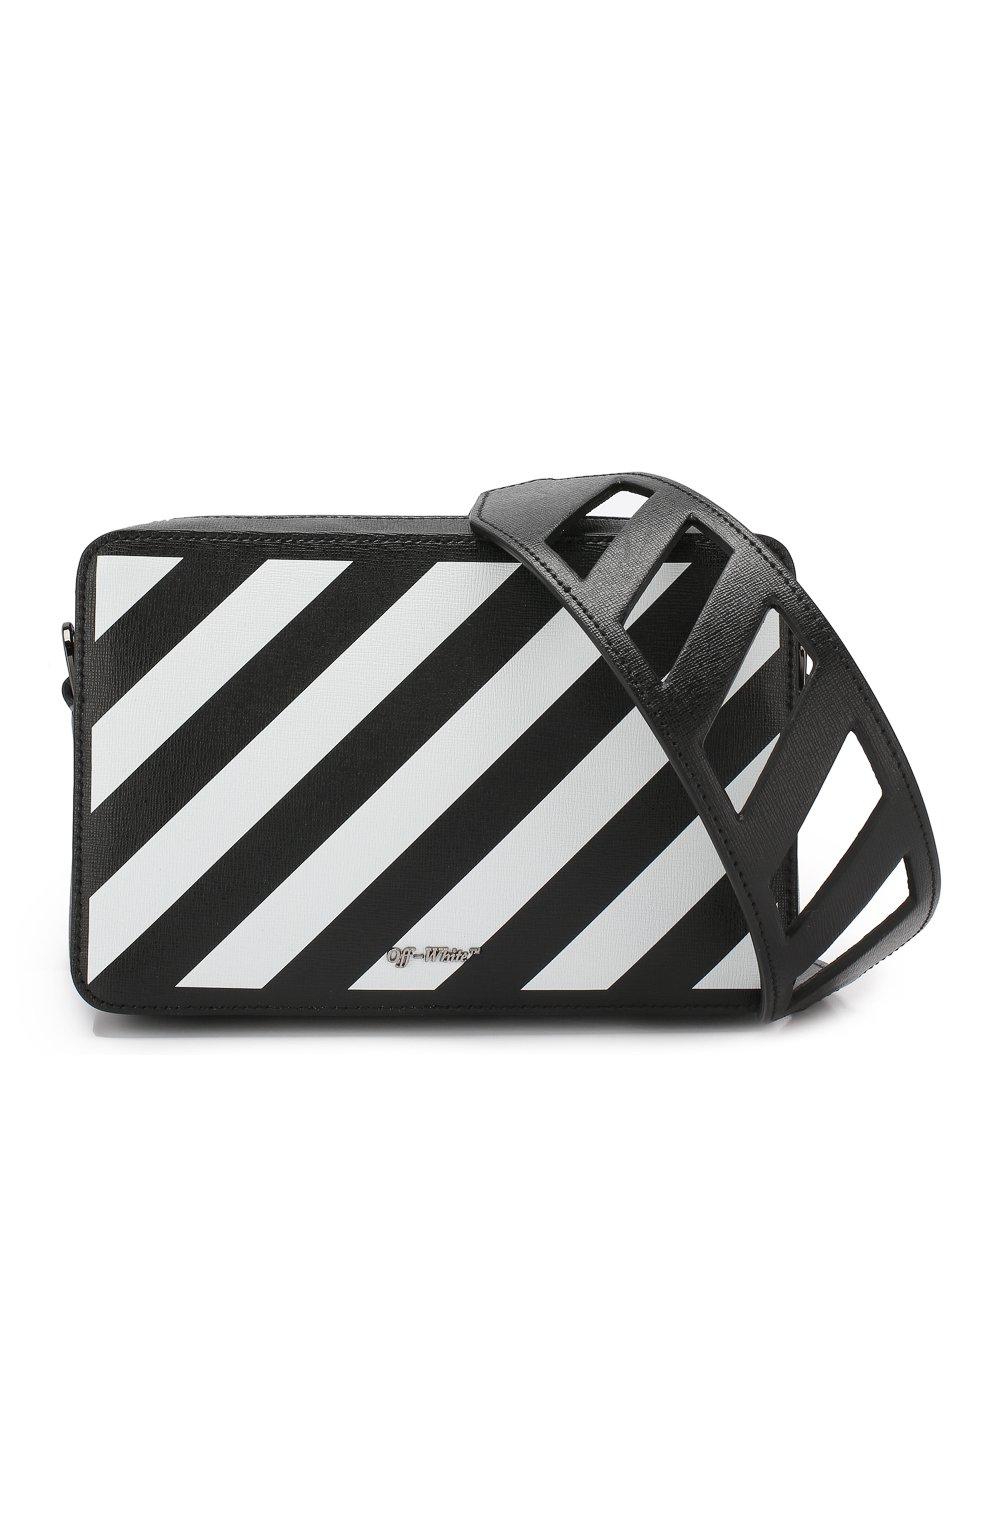 Поясная сумка Diag | Фото №7